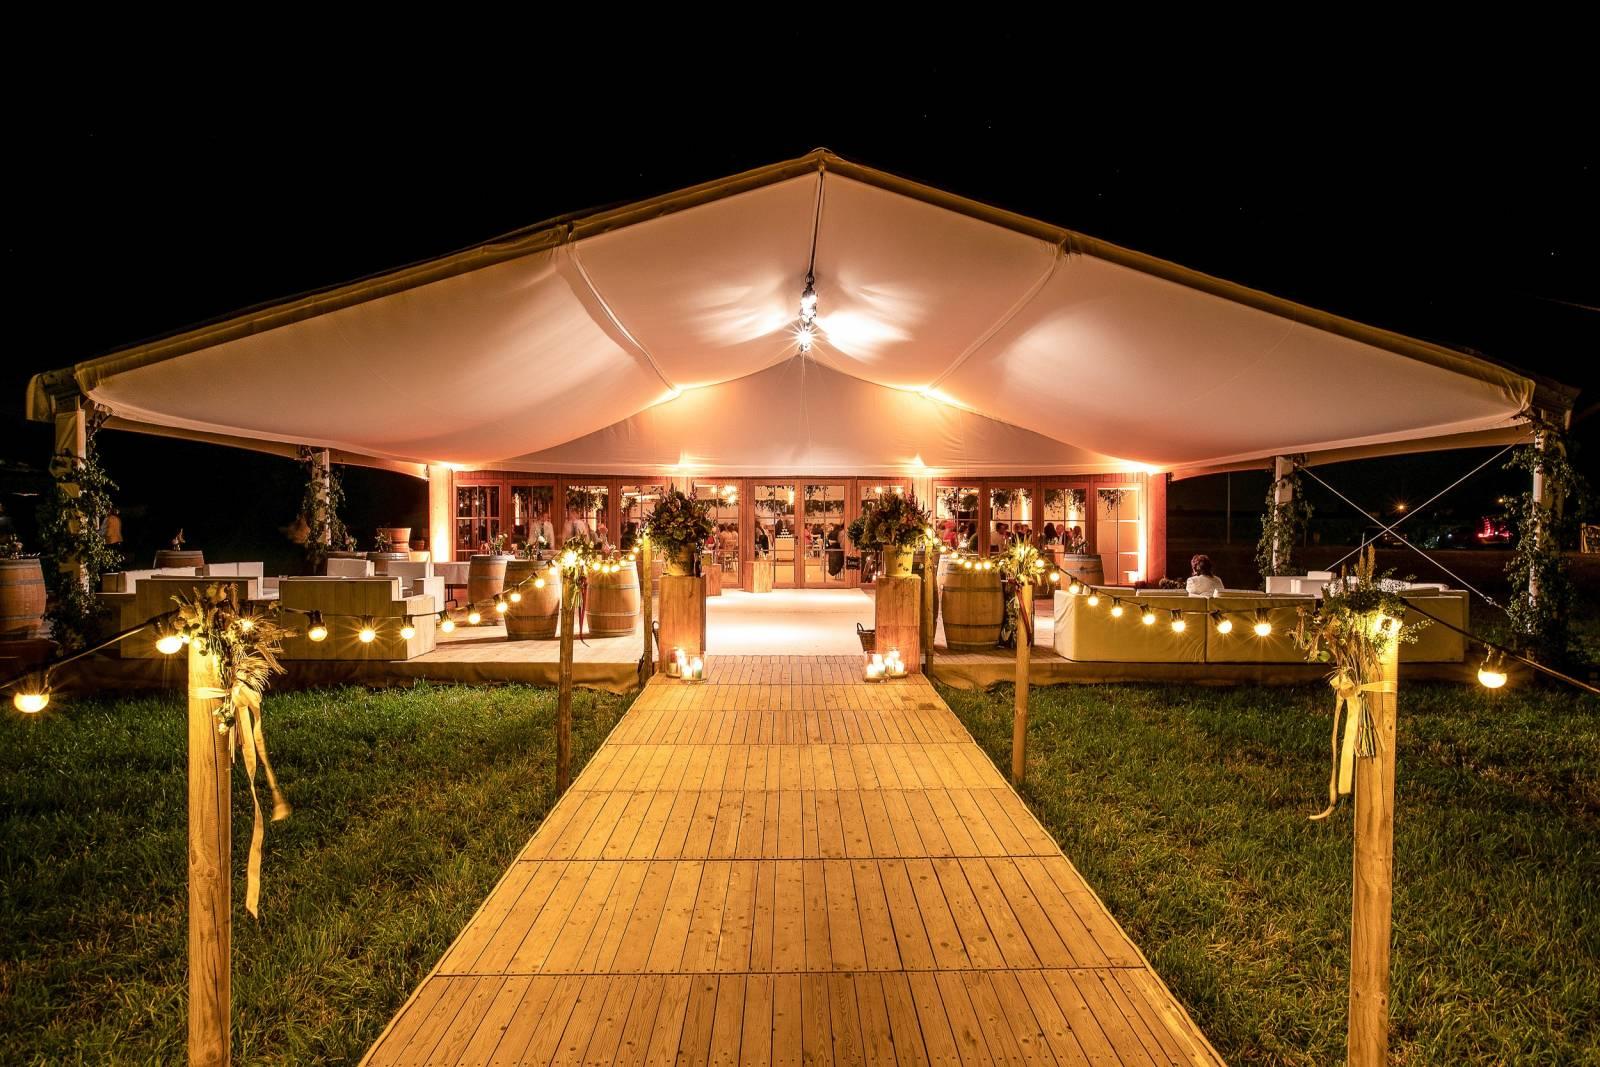 Tentmoment - Feesttent - Tent Event - Verhuur Tenten - Fotograaf Jurgen De Witte - House of Events - 27